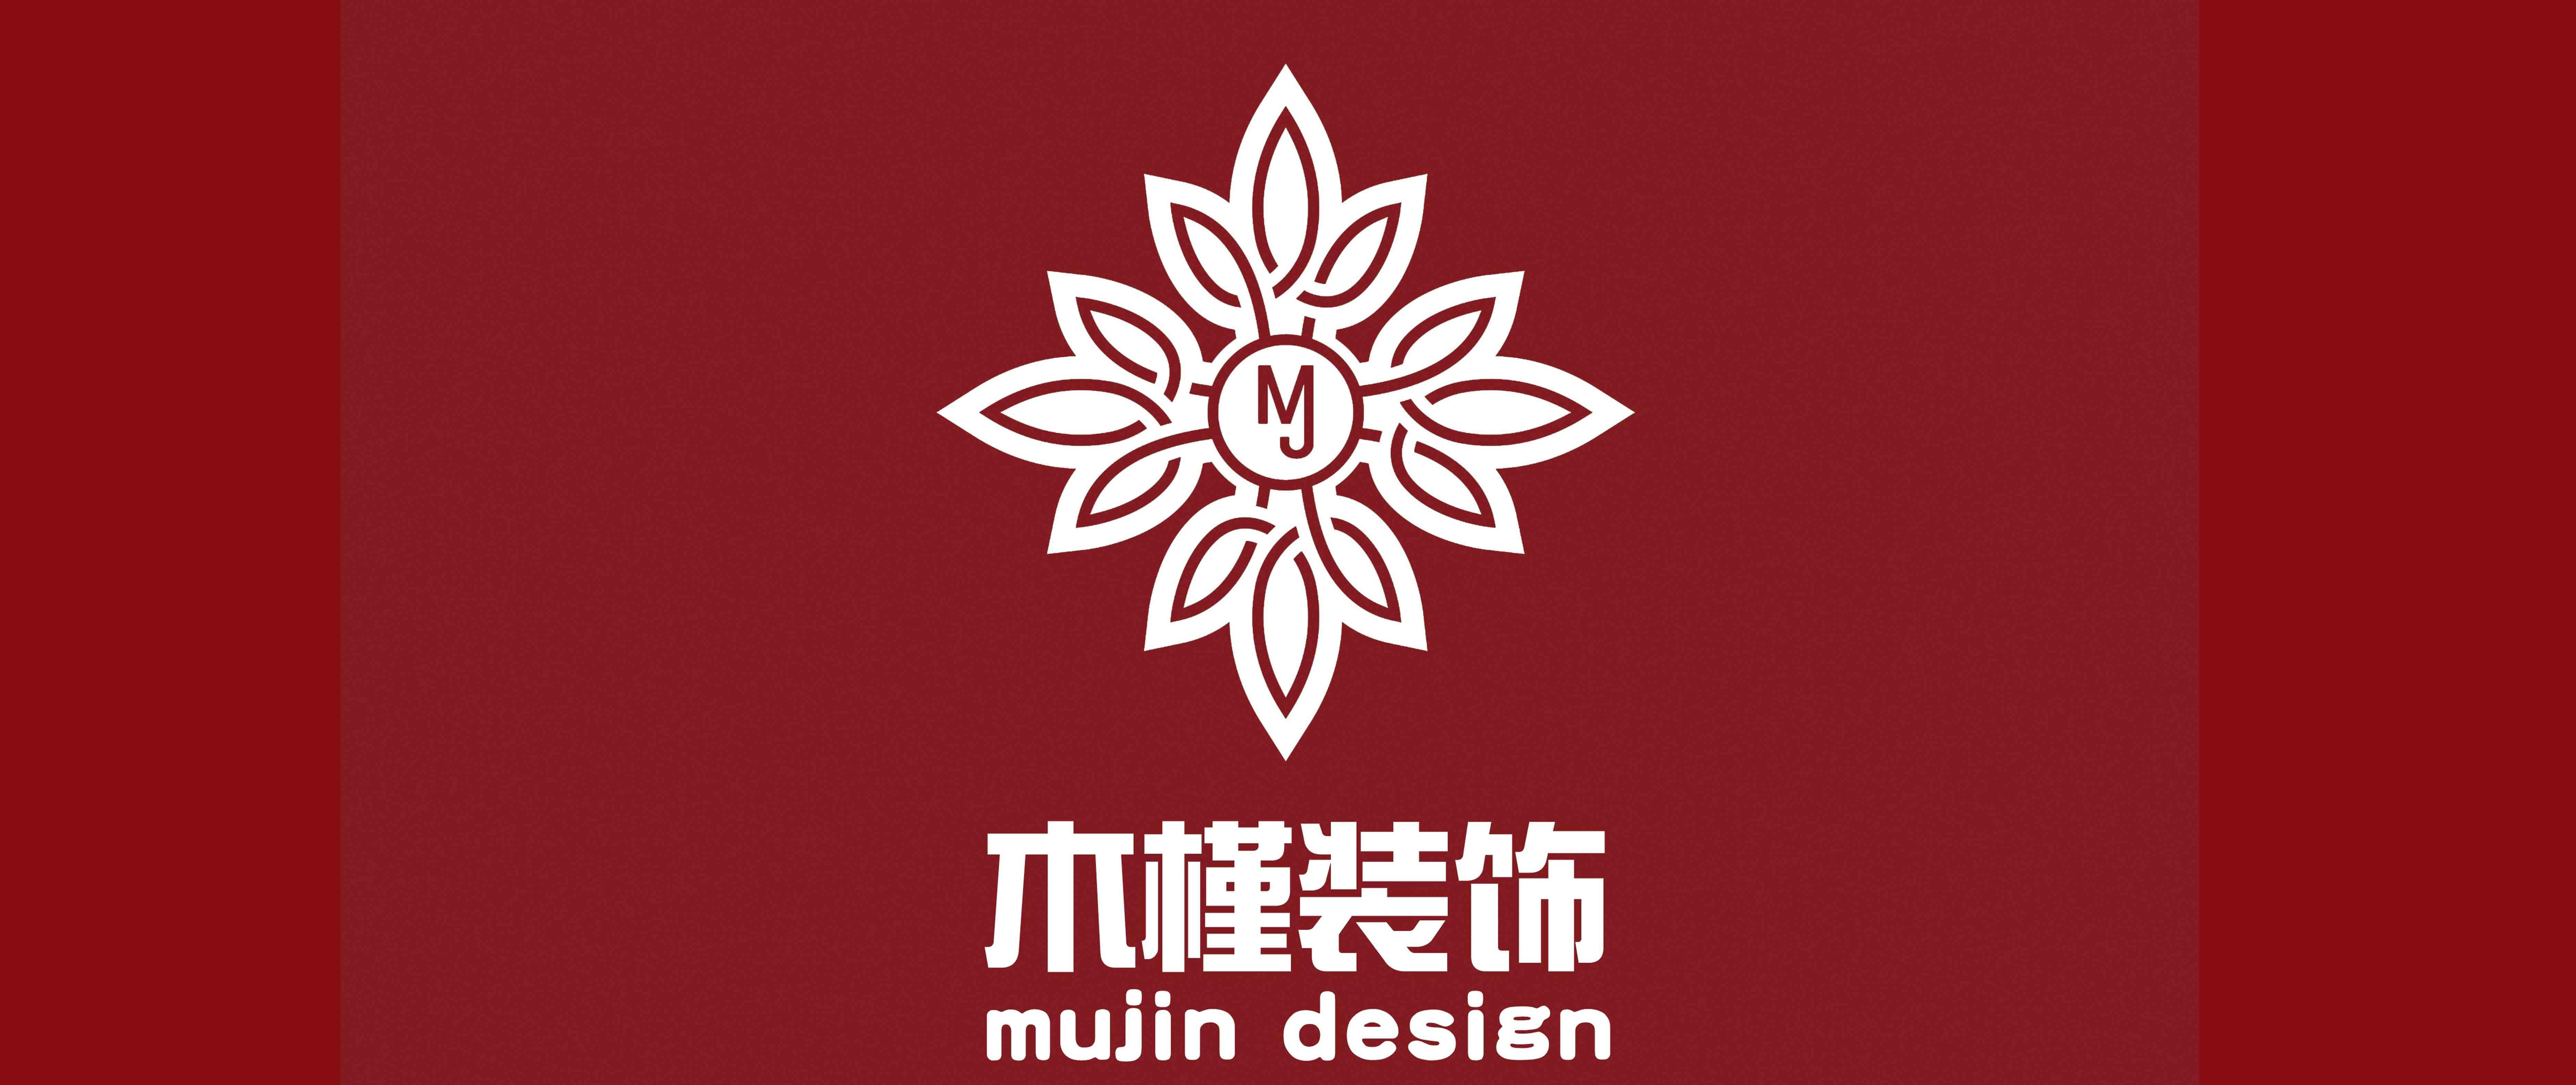 潍坊木槿装饰有限公司